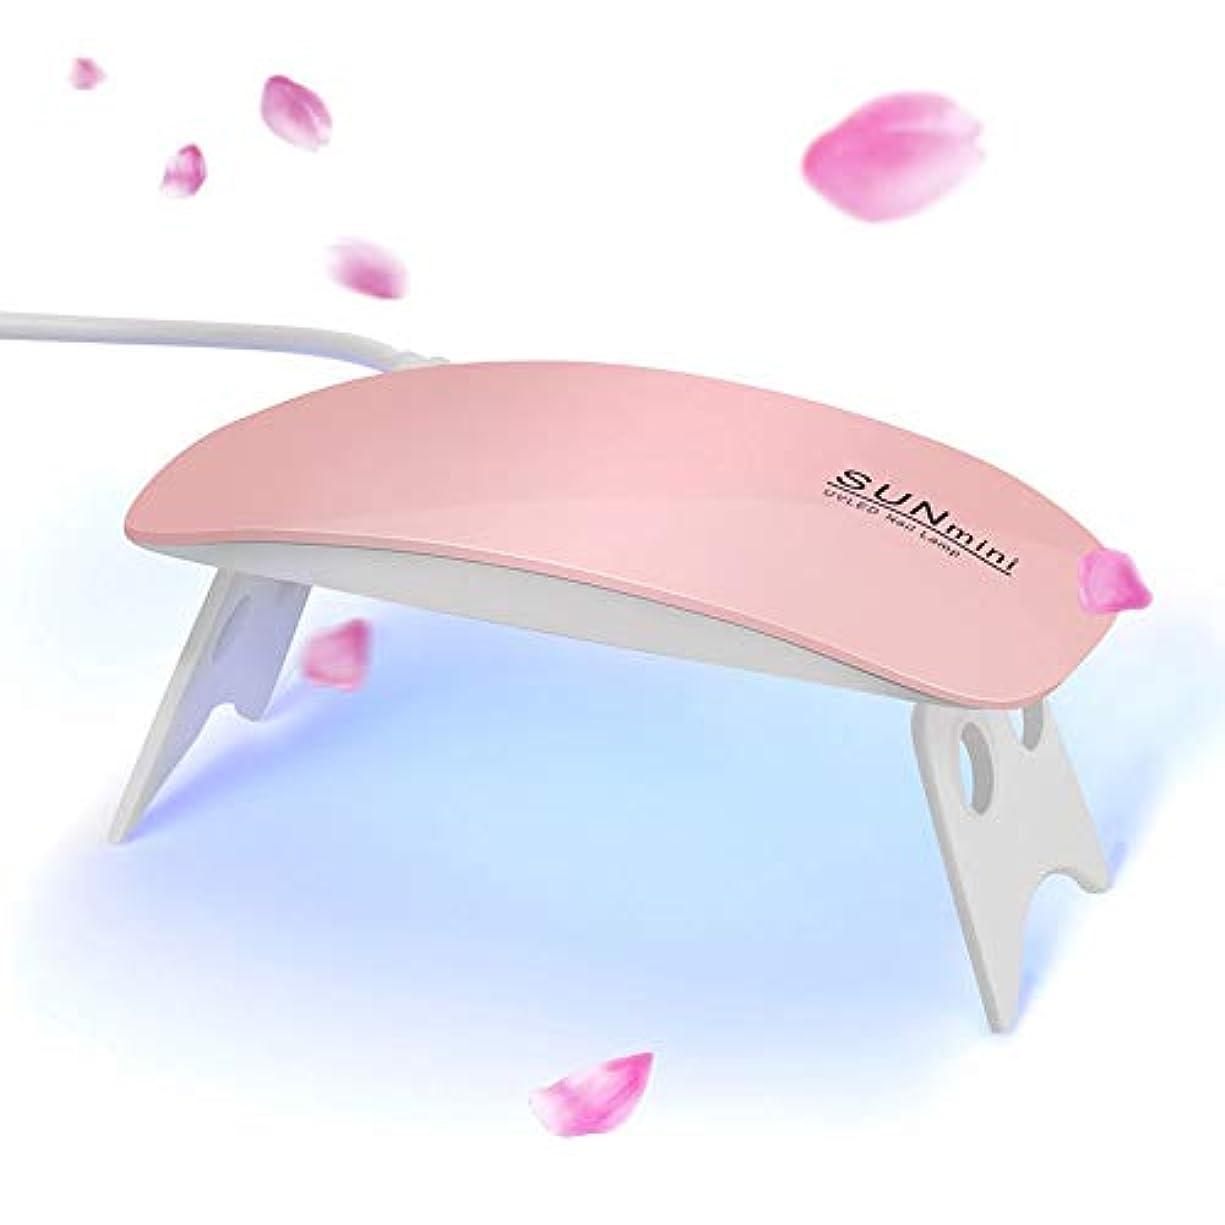 入浴風邪をひくアーサーLEDネイルドライヤー,KIMIHE UVライト 超ミニ USB式 ネイル用硬化ライト 2タイミング設定付き 折りたたみ式手足とも使える UV と LEDダブルライト (かわいいピンク)